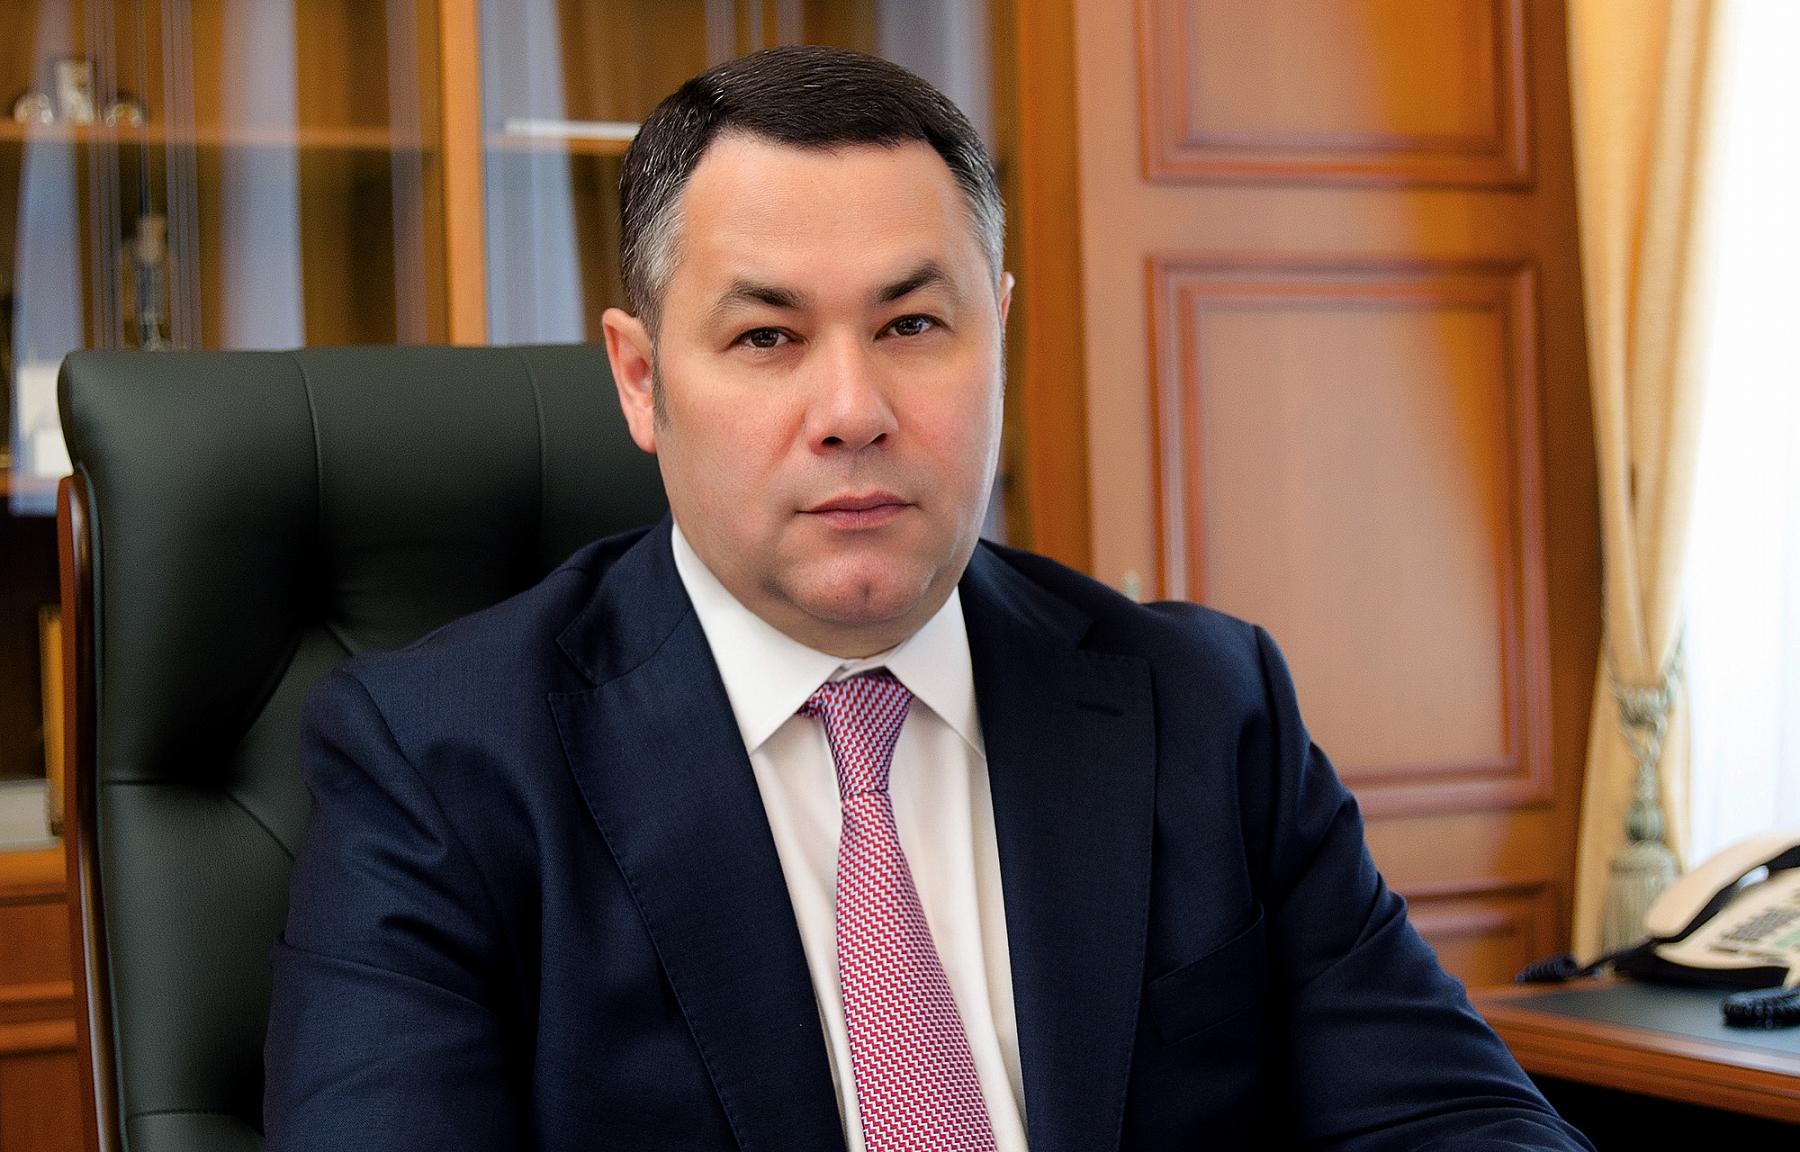 Игорь Руденя поздравил жителей Тверского региона с Днём герба и флага